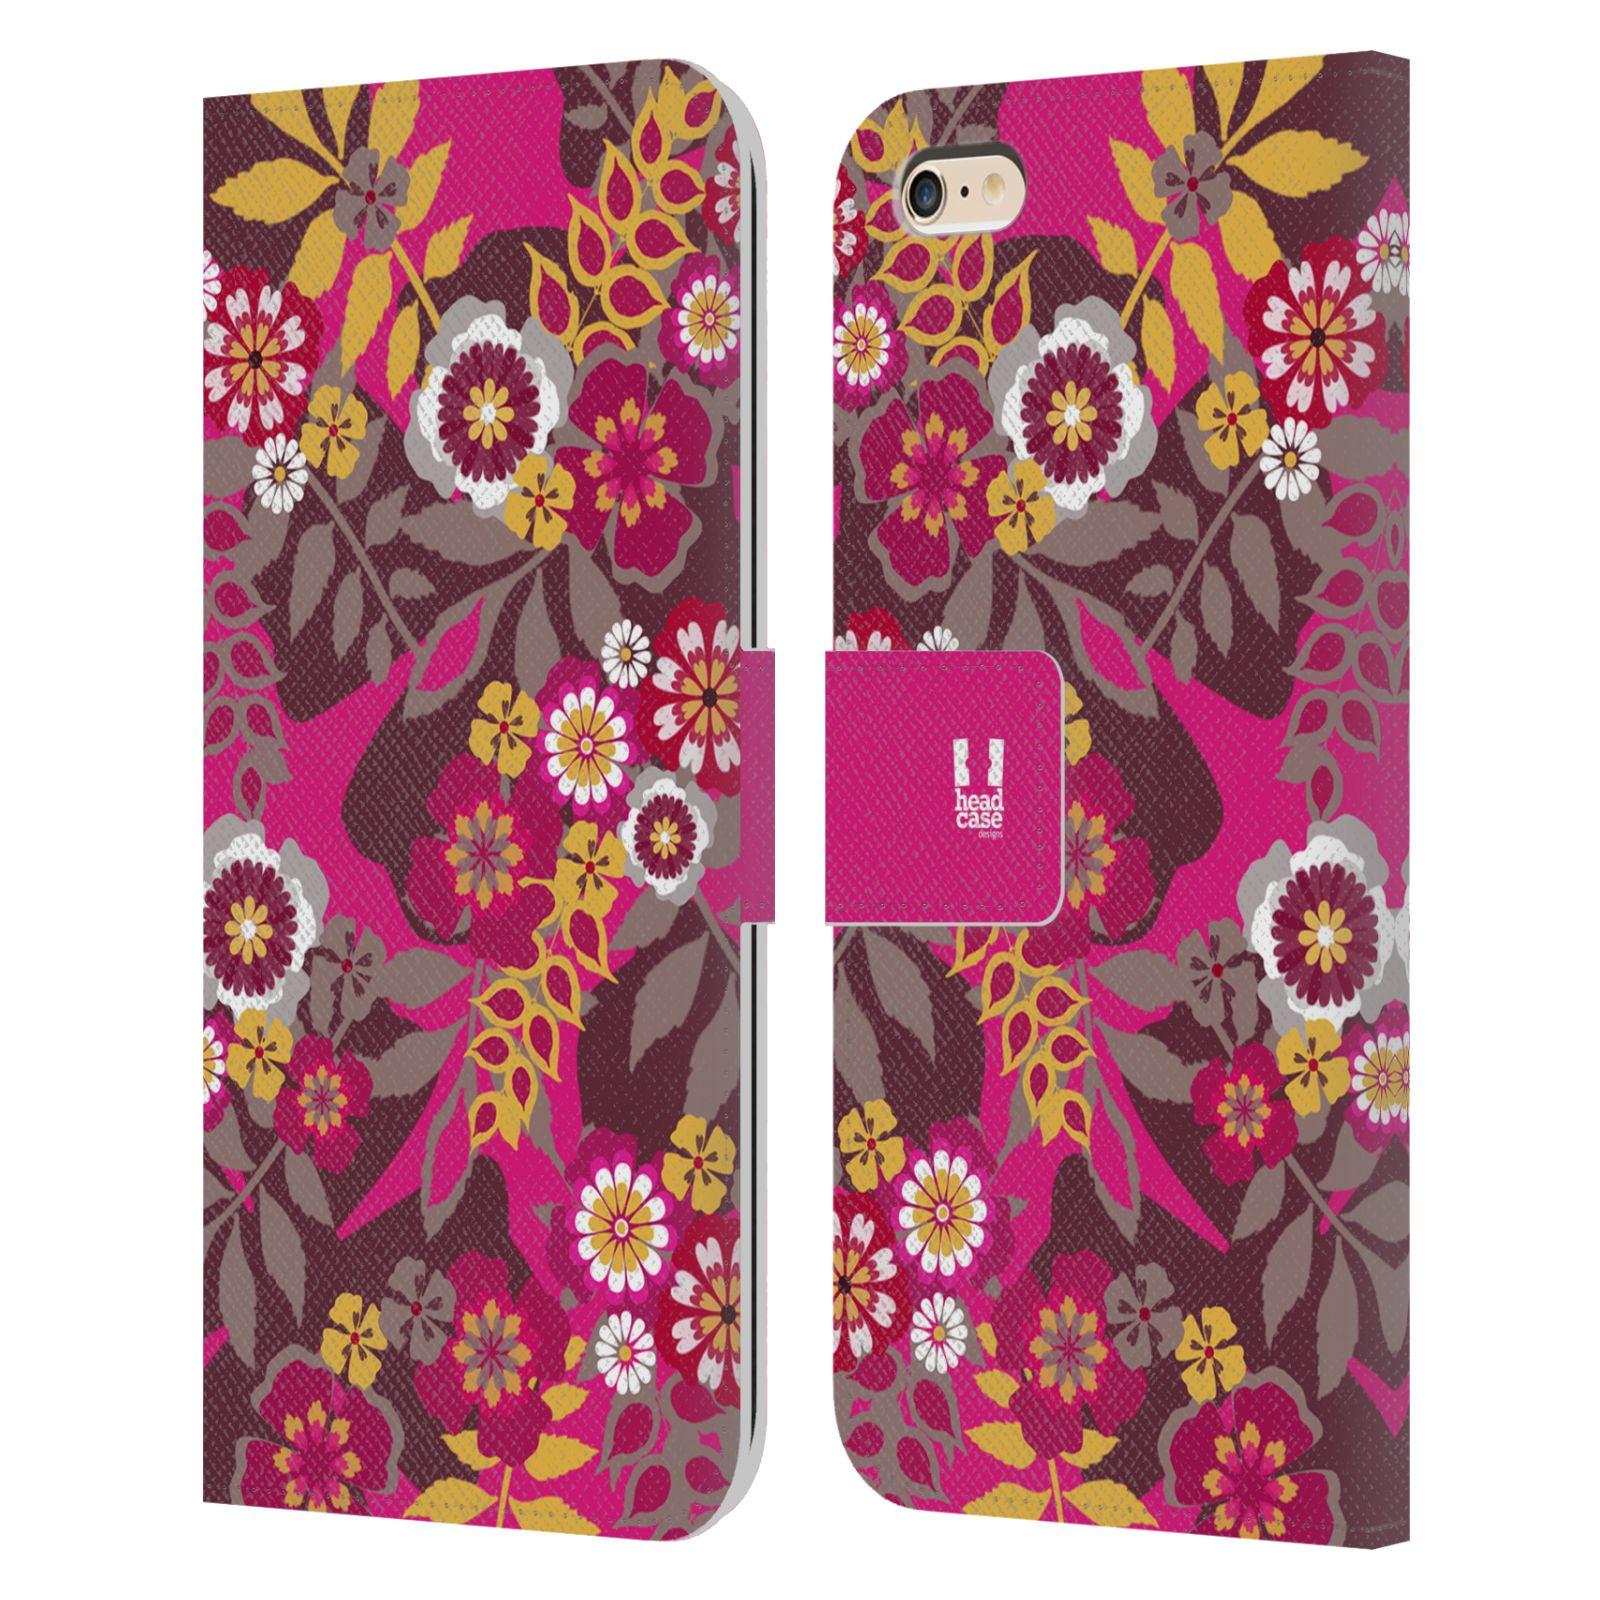 HEAD CASE Flipové pouzdro pro mobil Apple Iphone 6 PLUS / 6S PLUS BOTANIKA růžová a hnědá